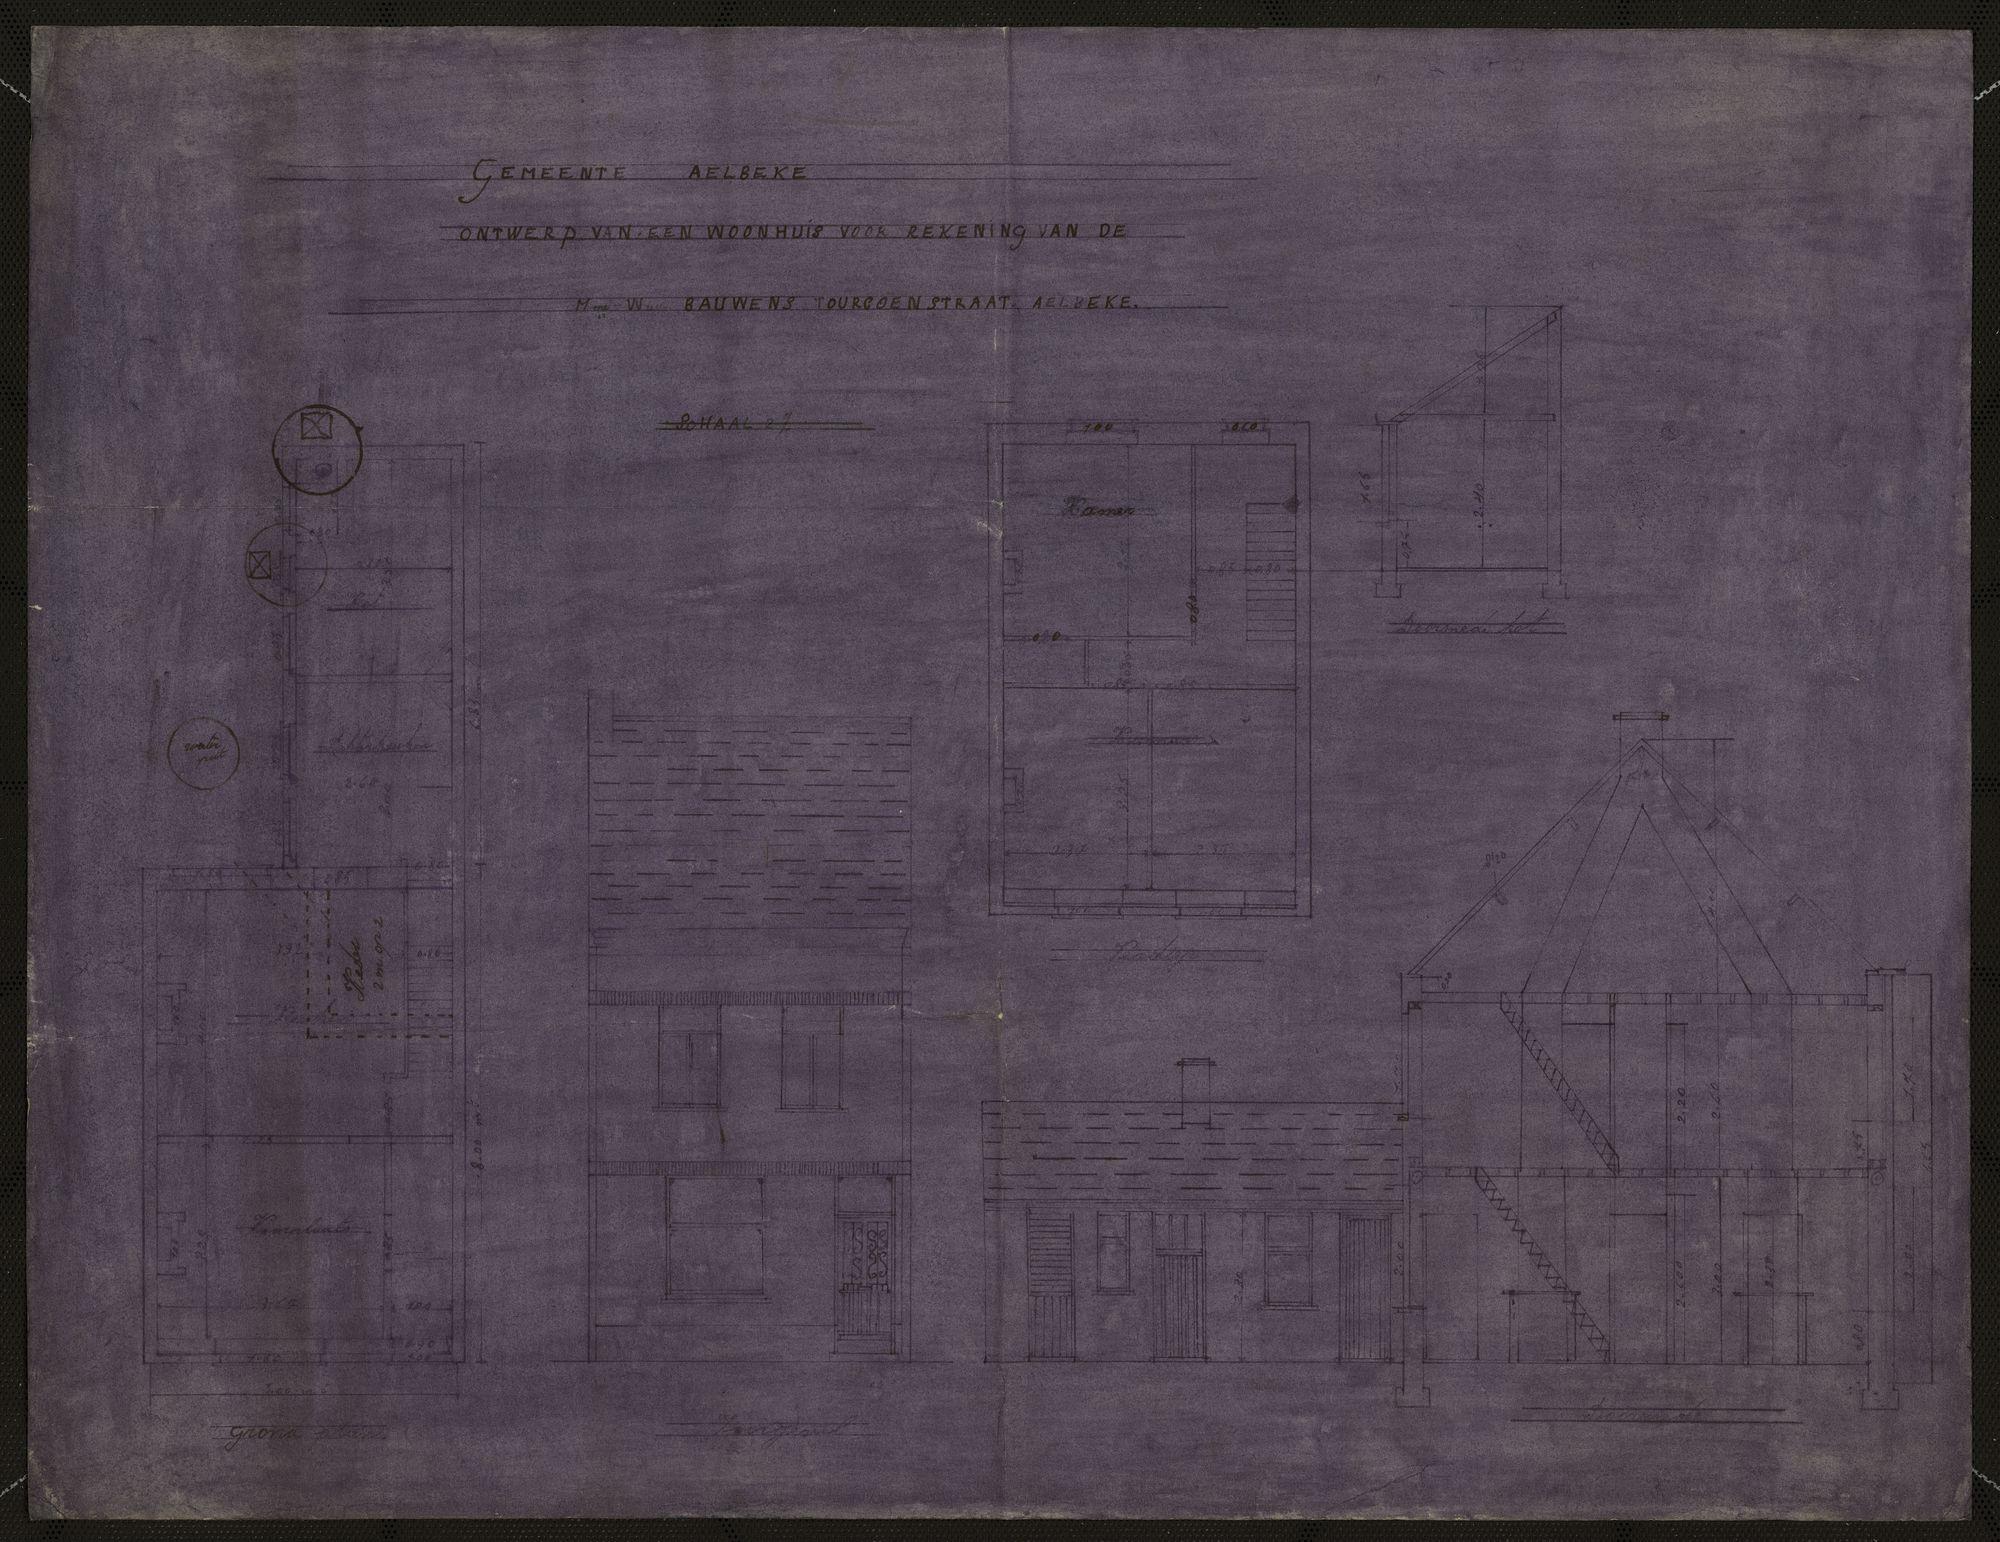 Bouwplannen van openbare, industriële en private gebouwen te Aalbeke, 20ste eeuw